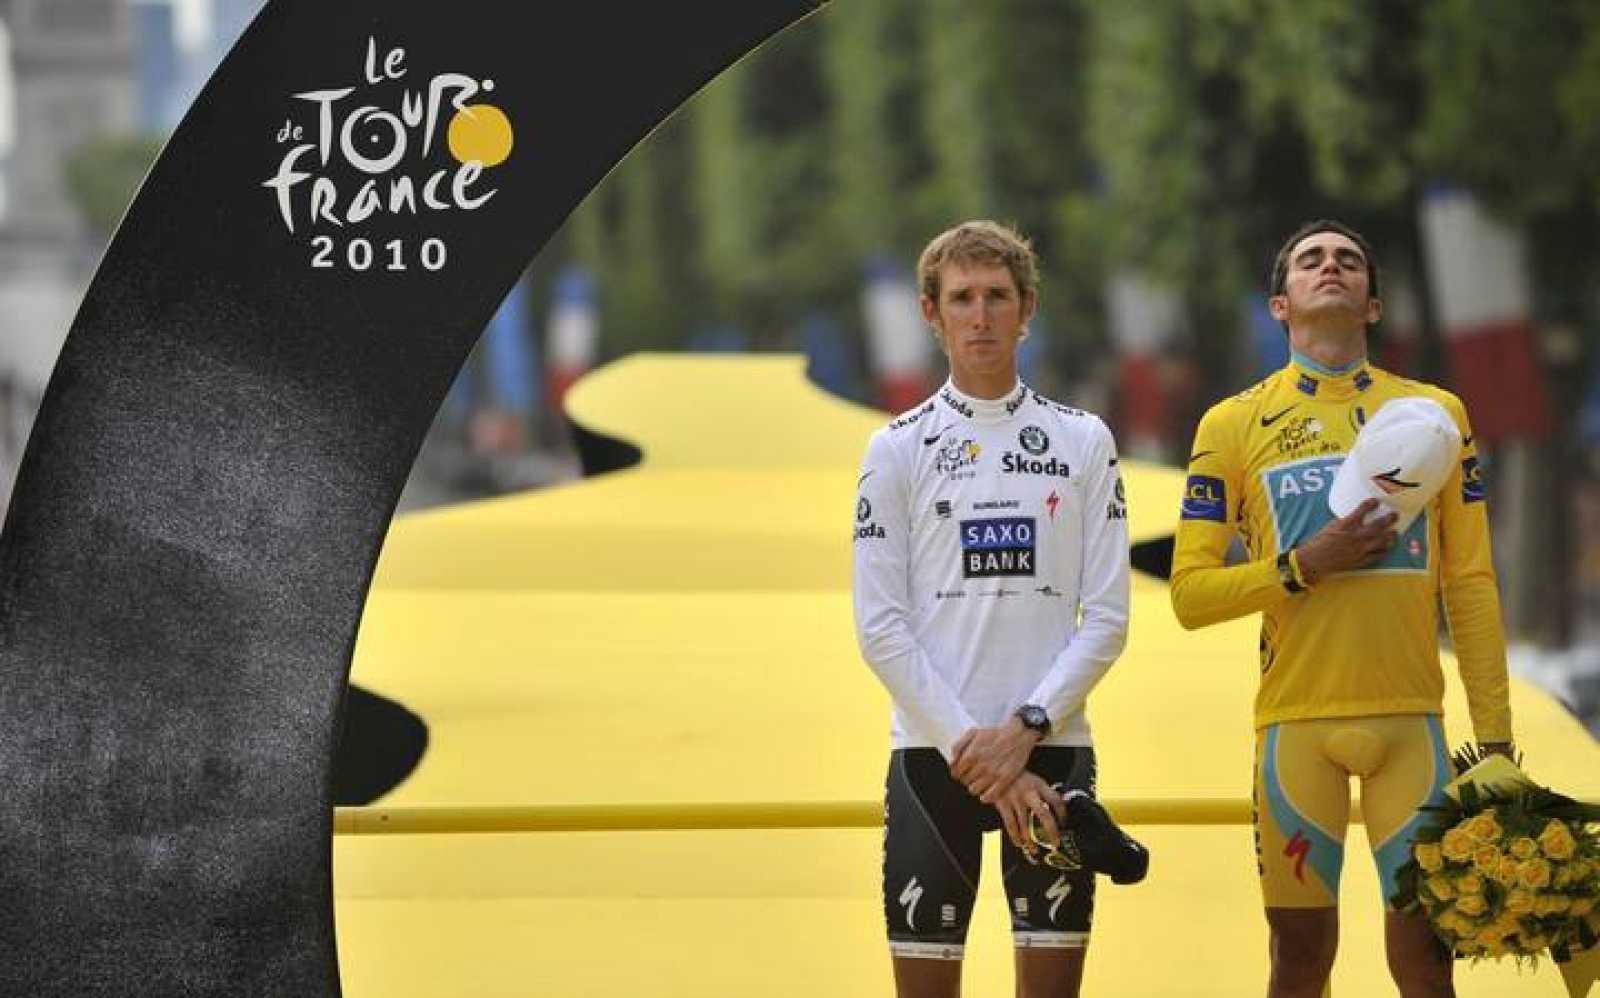 Alberto Contador, en el podio de París en el Tour de Francia 2010 junto junto a Andy Schleck (L).